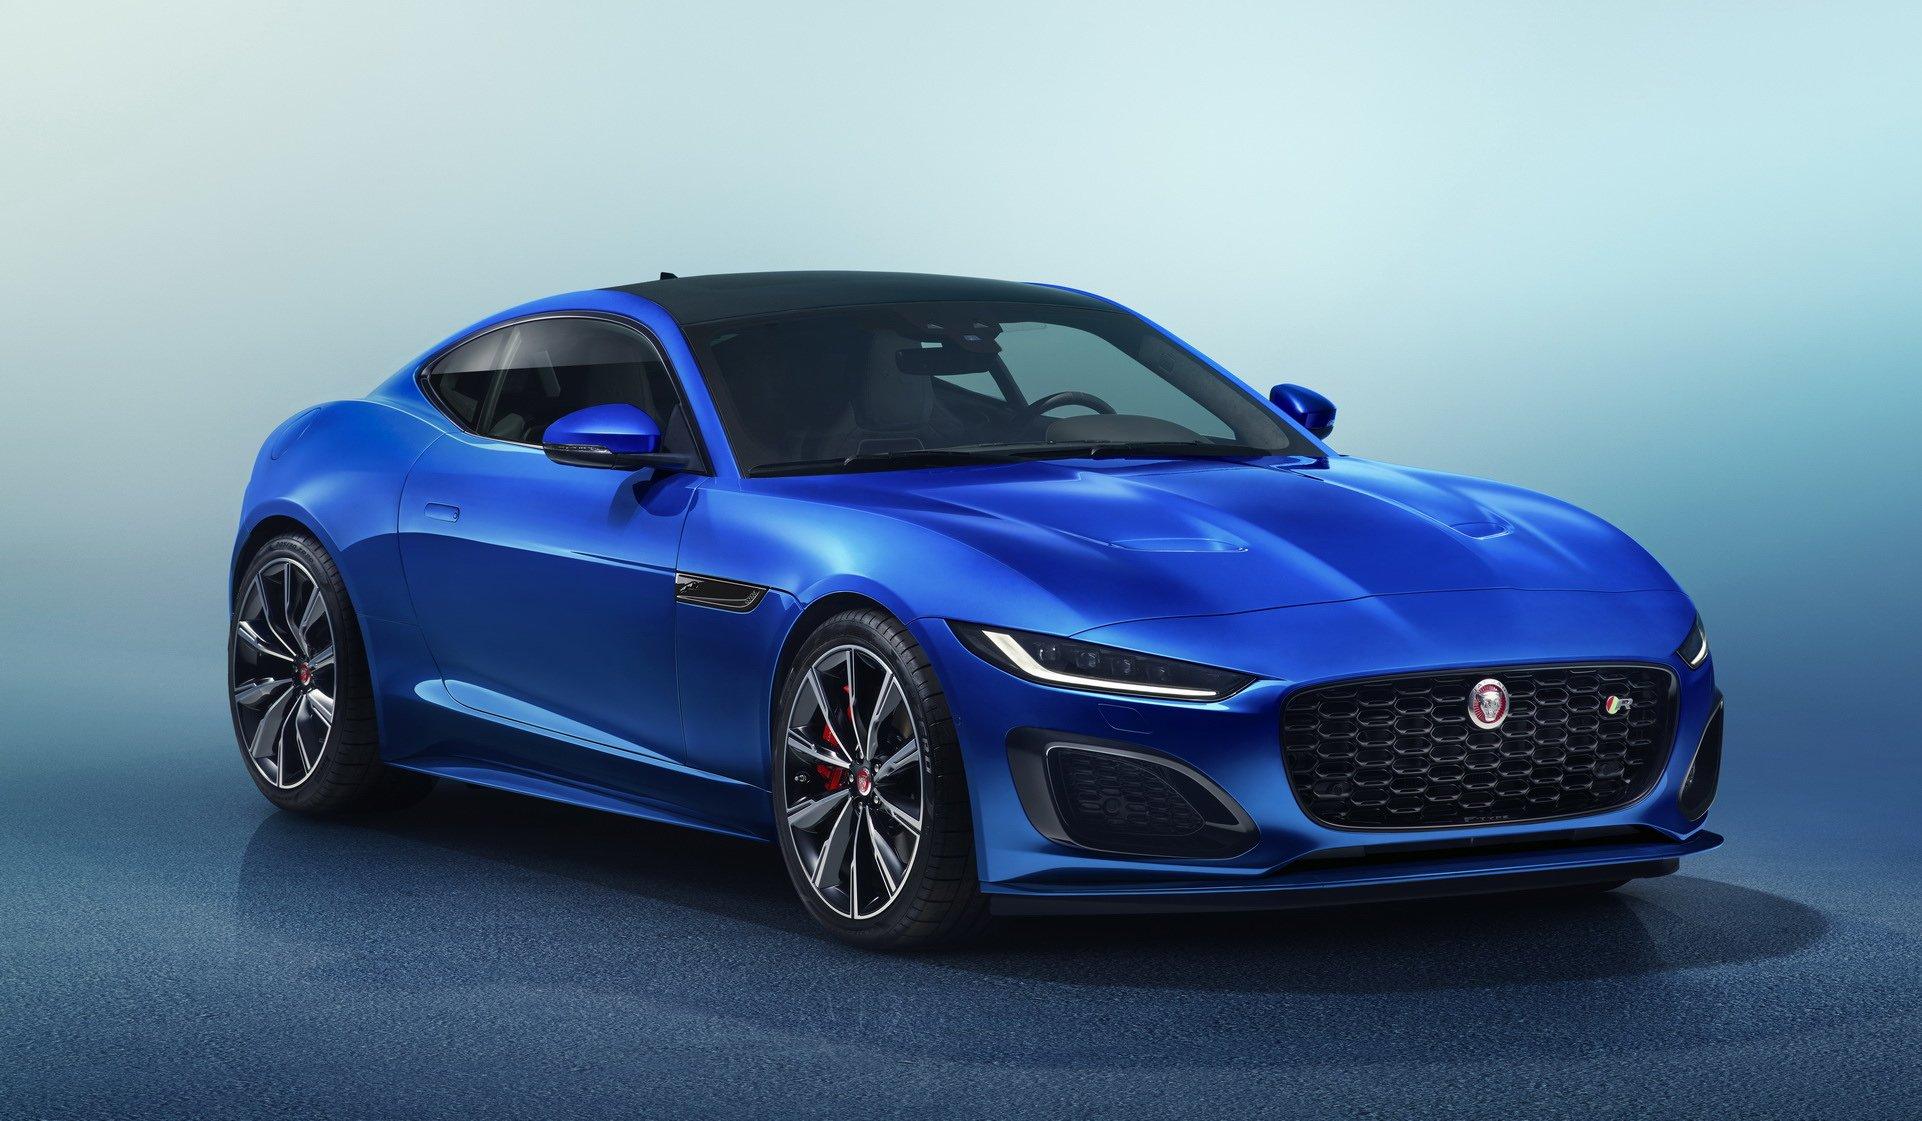 2021-jaguar-f-type-facelift-1-1.jpg